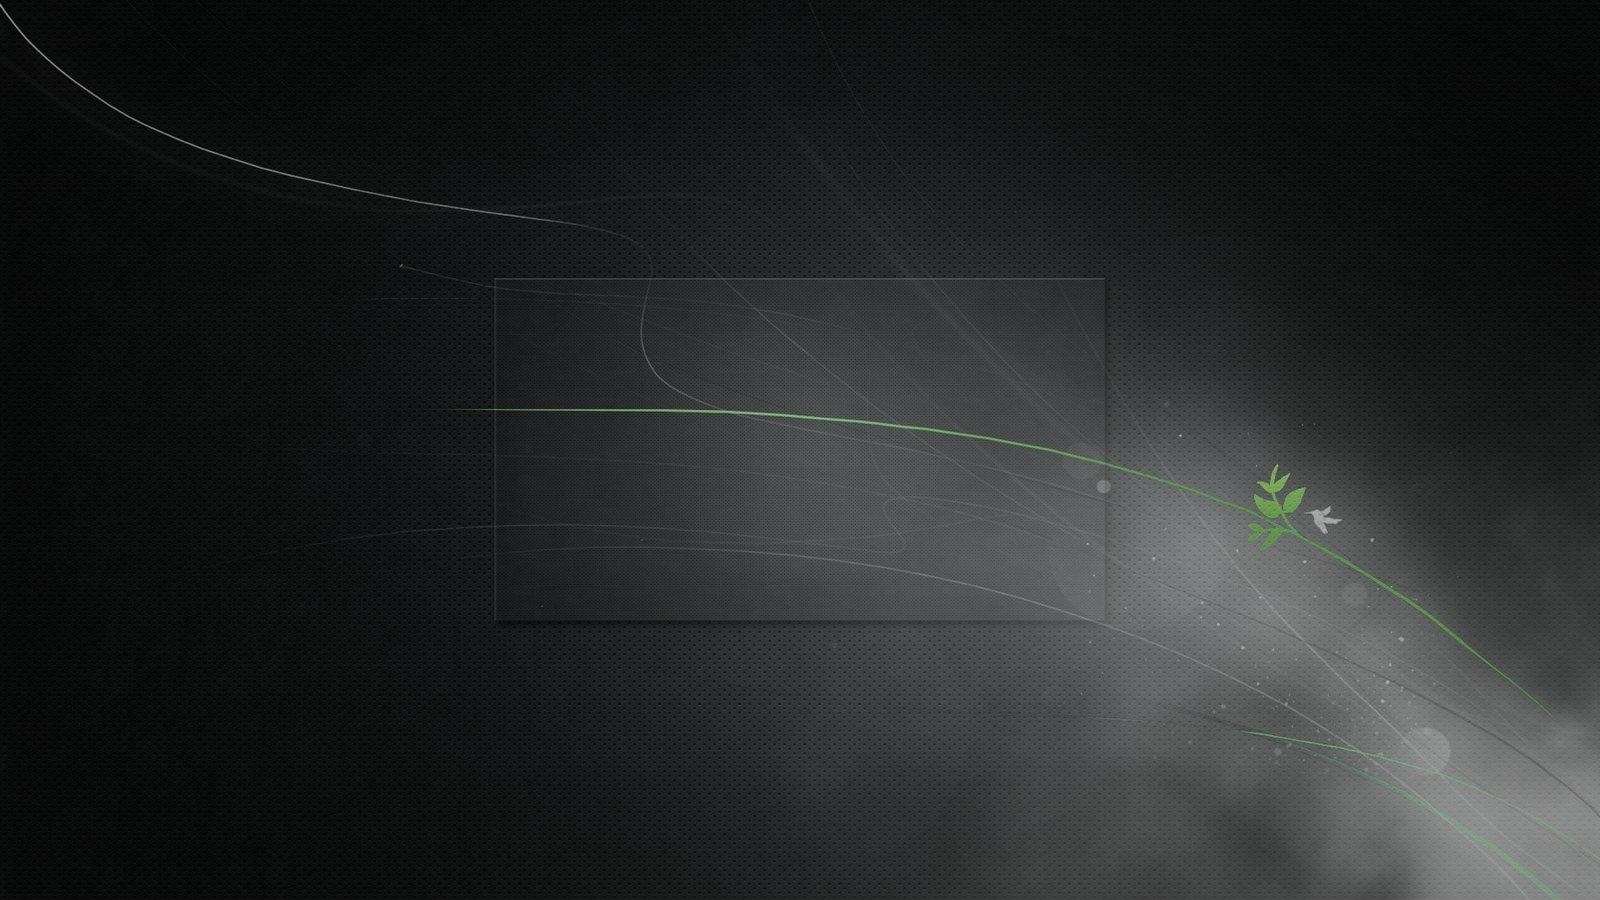 Unduh 410 Koleksi Background Black Windows 7 Gratis Terbaik